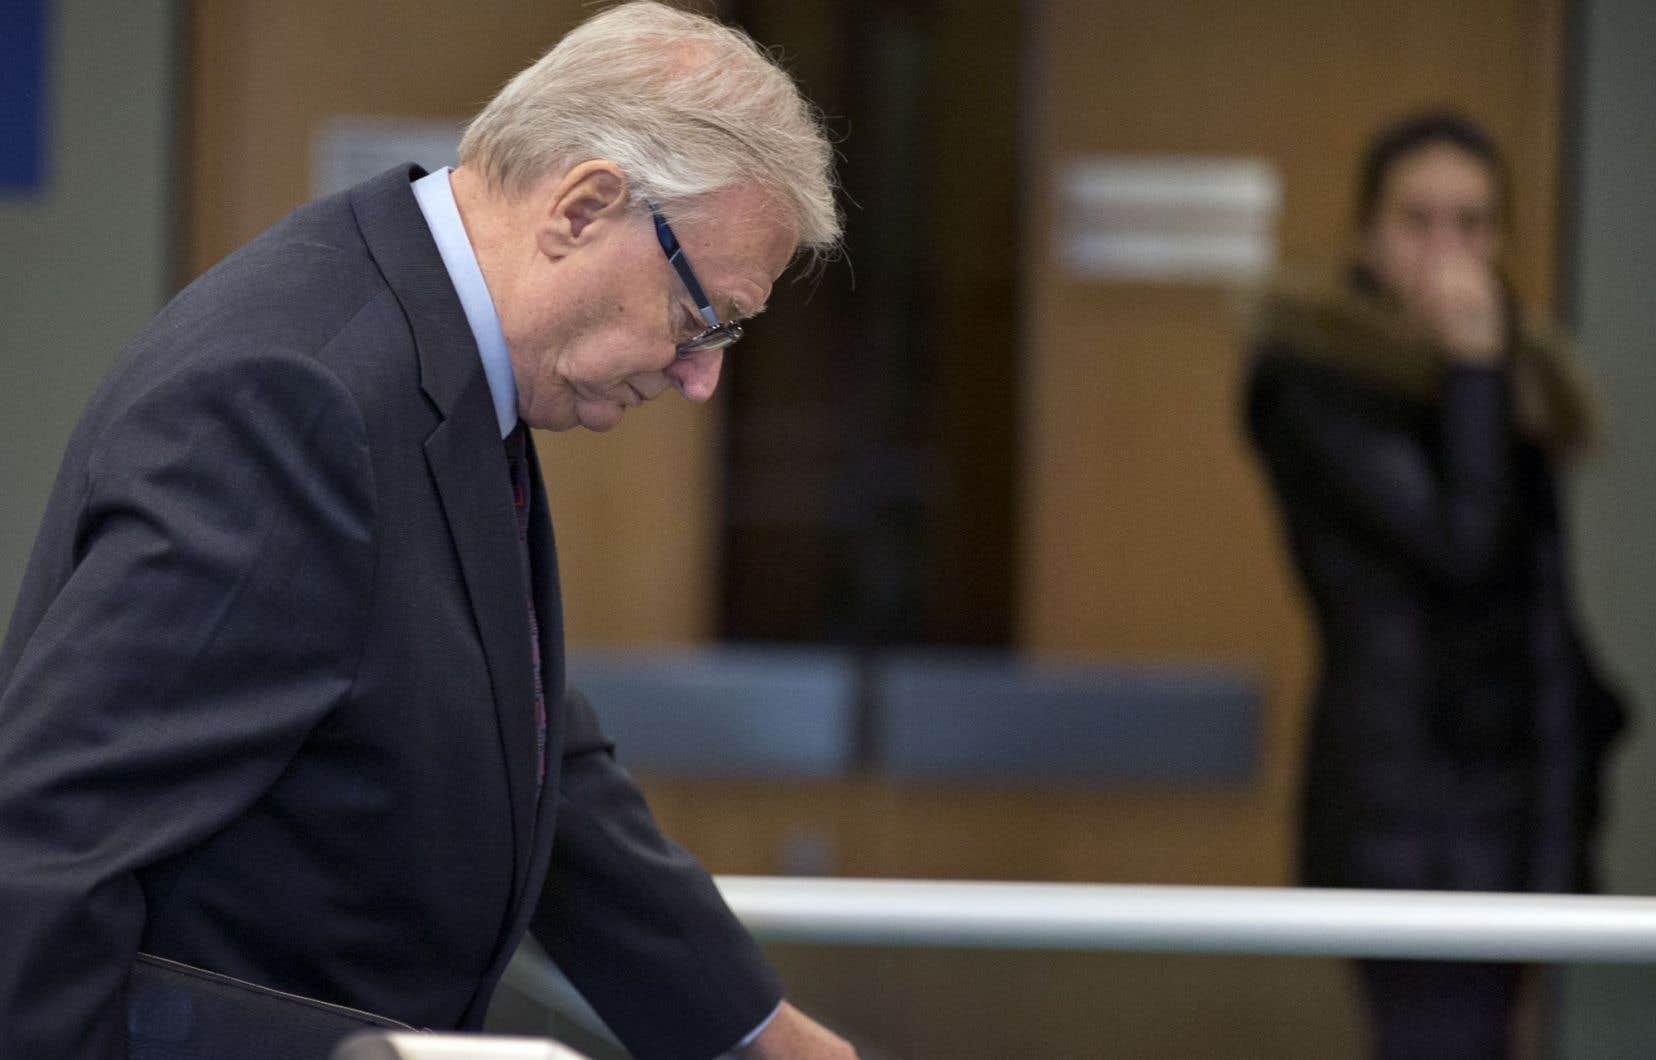 Gilles Vaillancourt a démissionné de son poste de maire le 9 novembre 2012 à l'issue d'un règne incontesté de 23 ans à Laval.